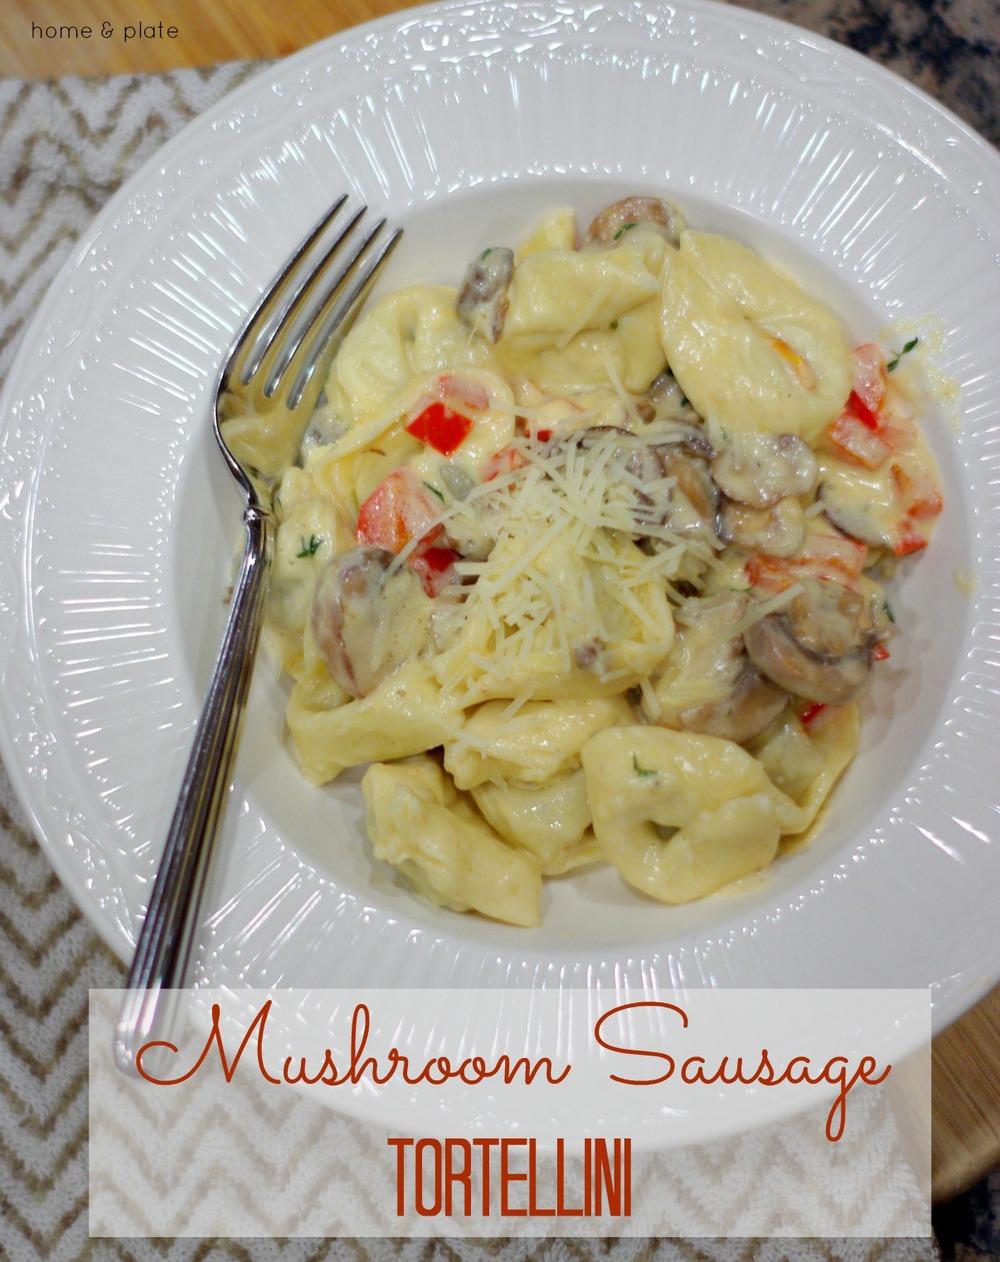 Mushroom-Sausage-Tortellini-3.jpg